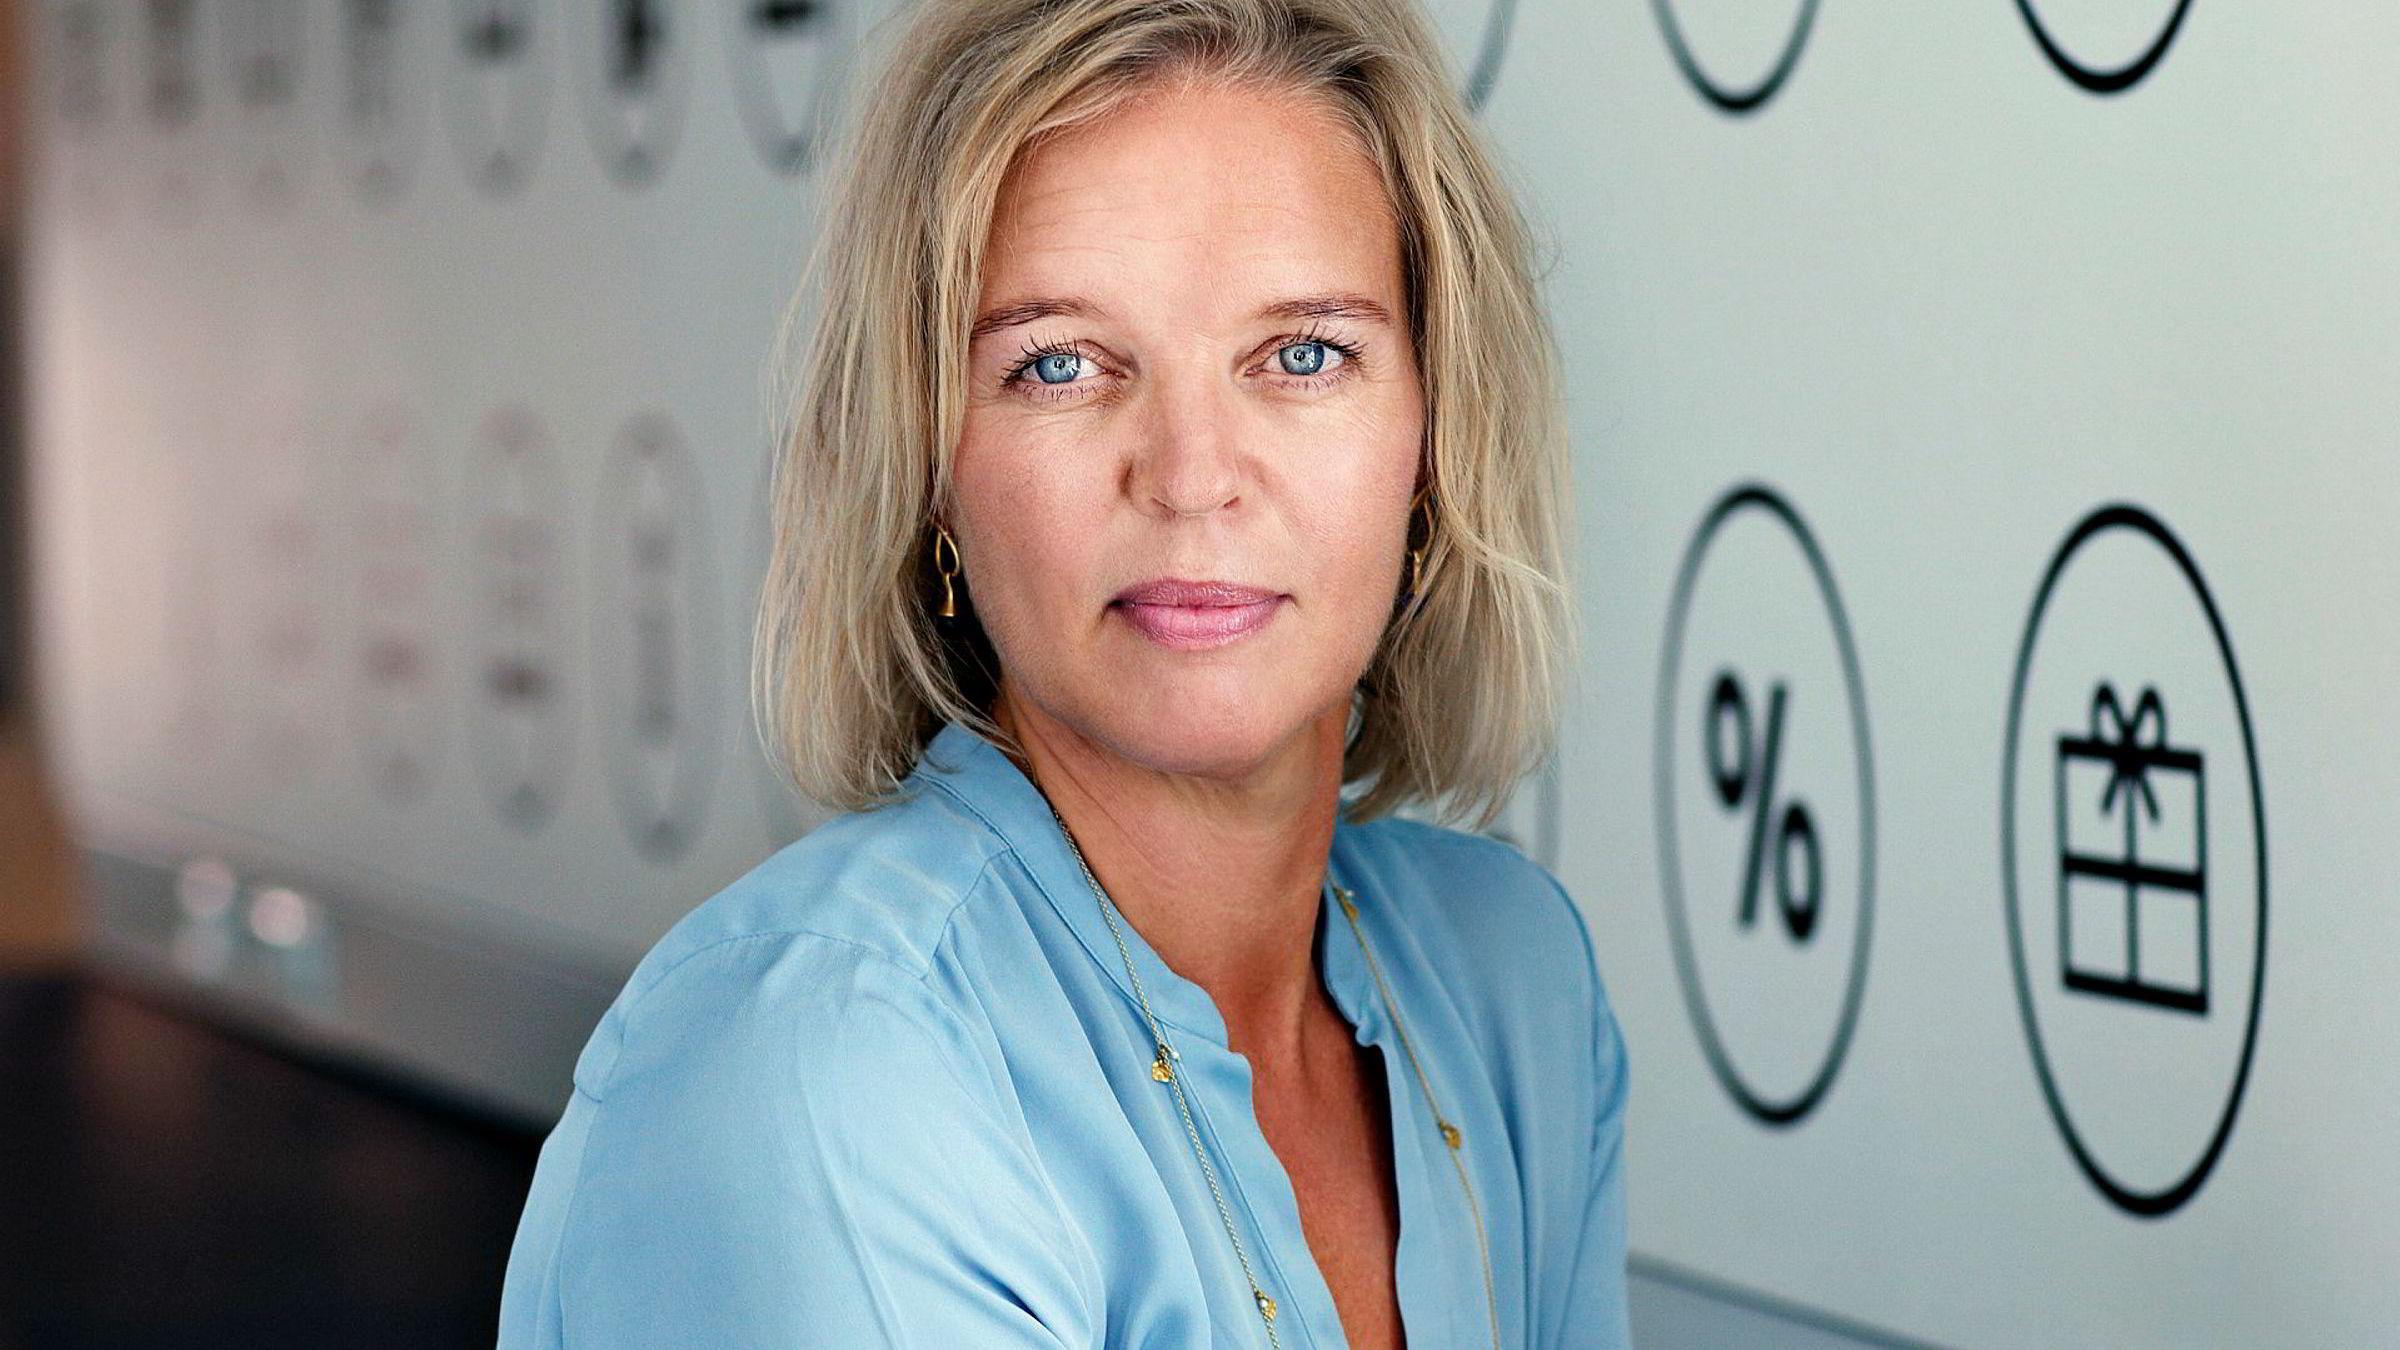 Konsernsjef Pernille Erenbjerg i TDC overrasket markedet i forrige uke med en gigantisk tv-fusjon. Nå må hun kjempe mot budgivere som vil kansellere avtalen.